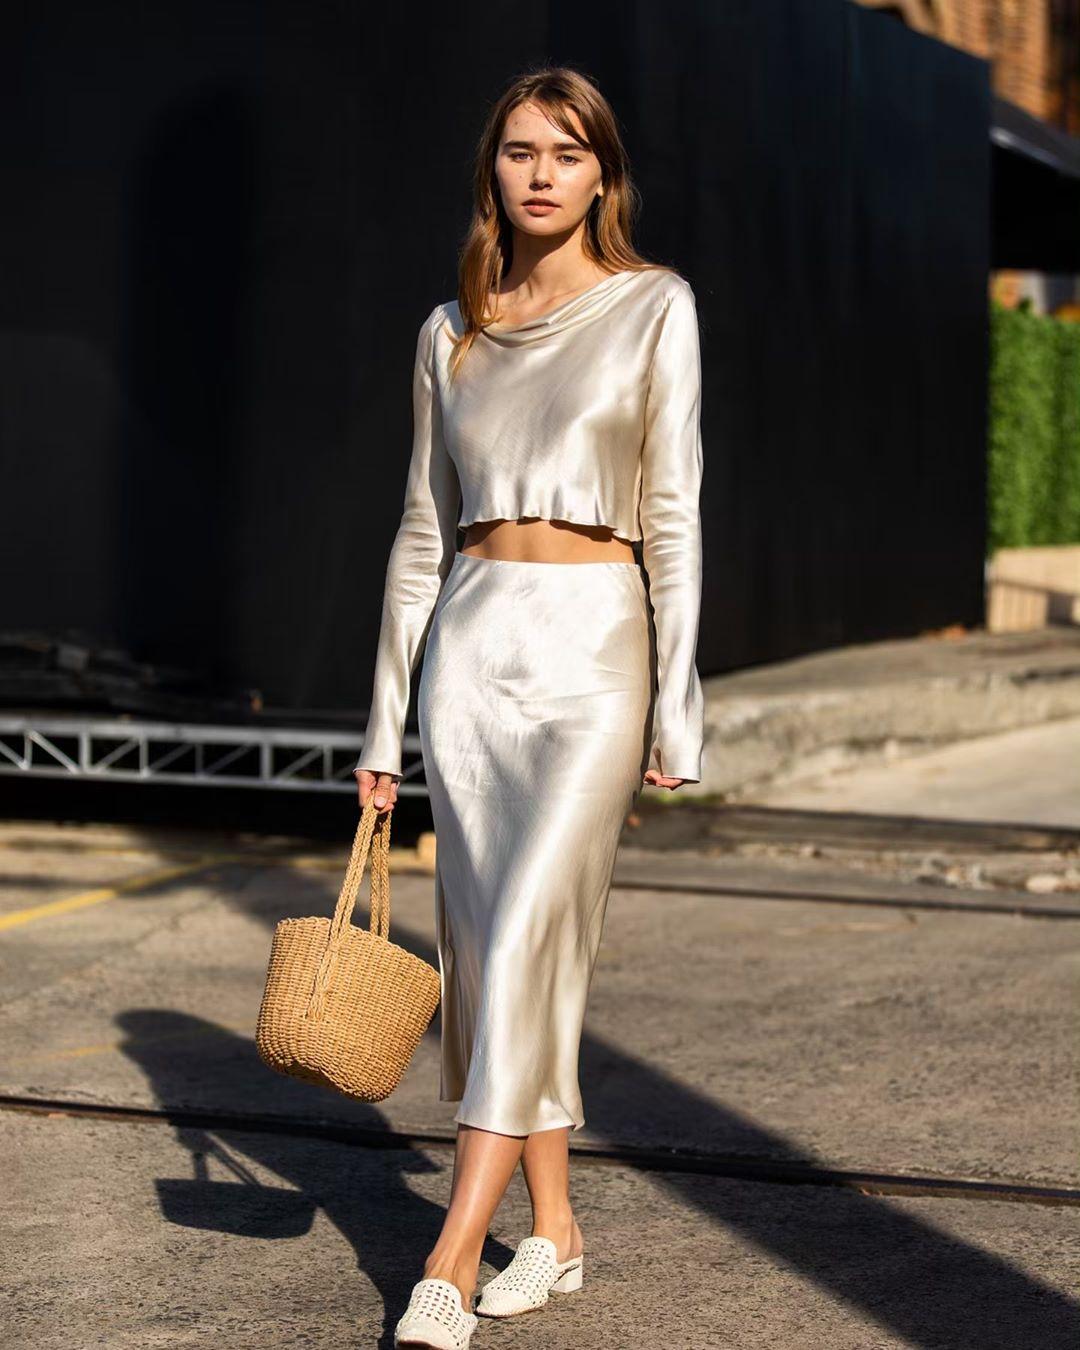 Fahionista mặc áo và chân váy suông vải satin màu trắng